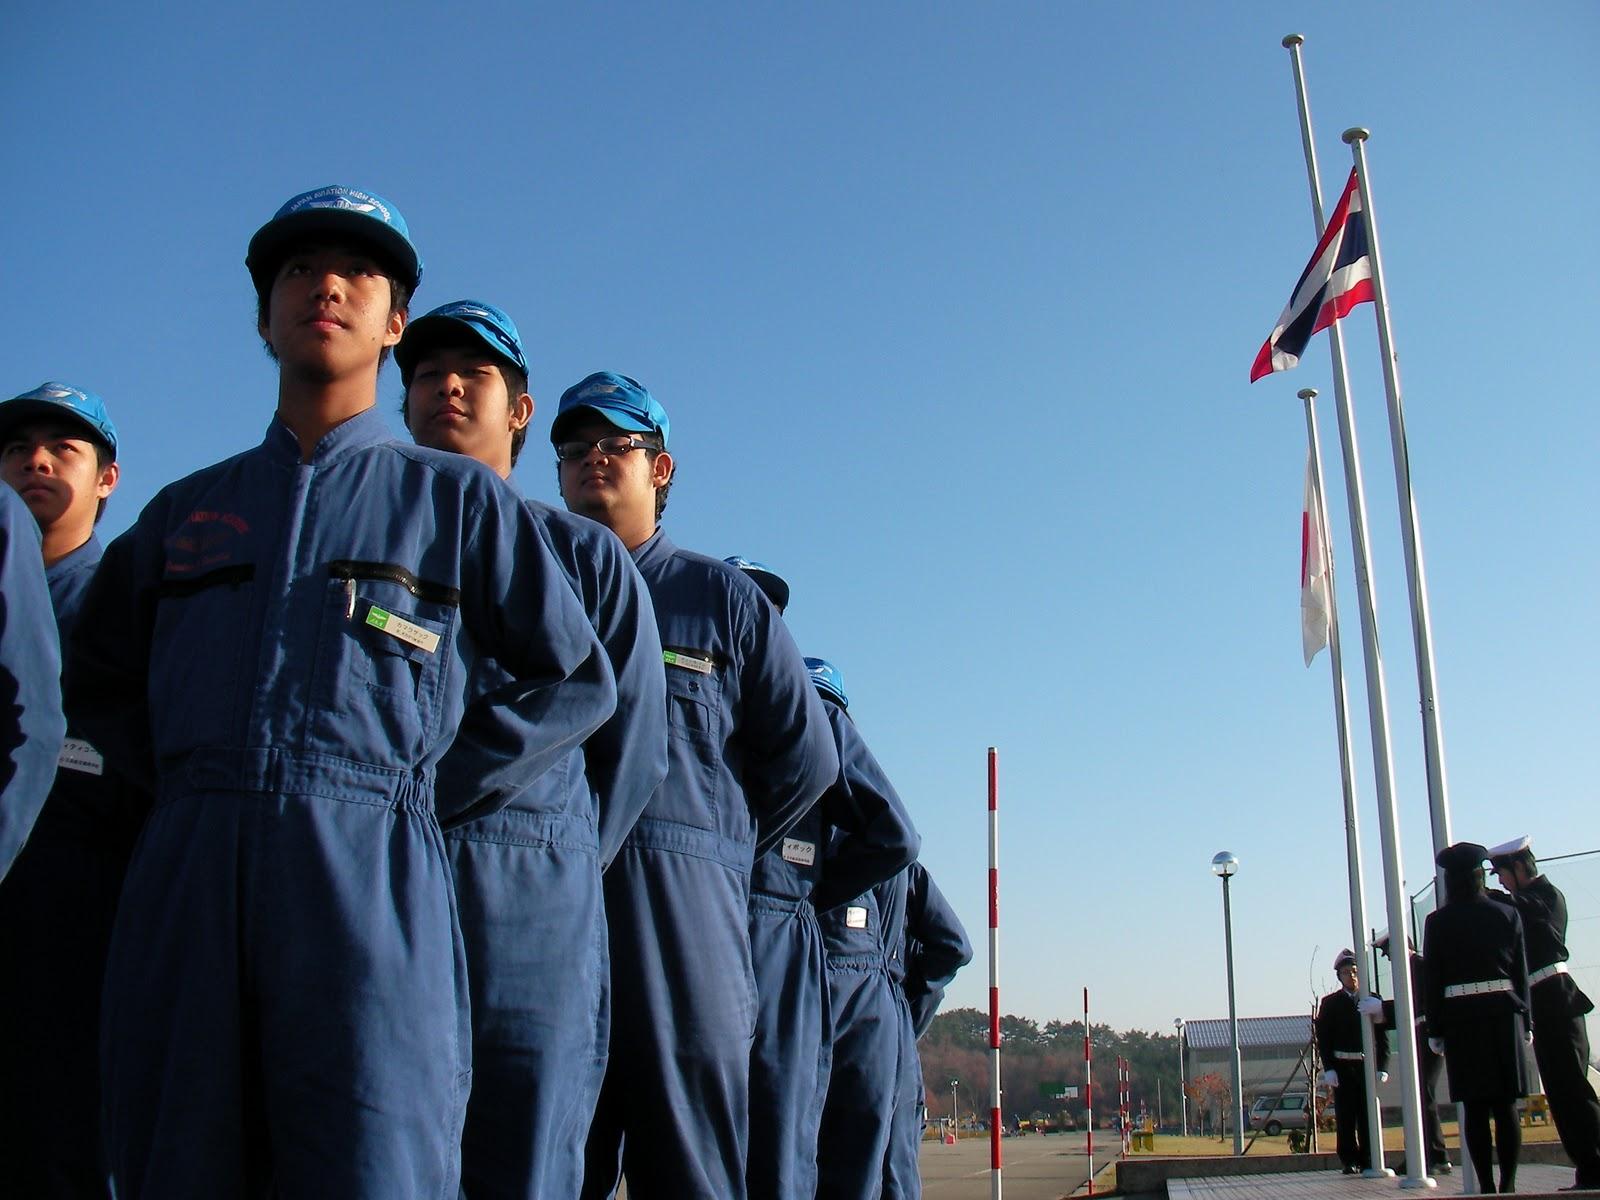 現在、石川キャンパスに在籍しているタイ留学生は 日本航空高等学校石川キャンパス 国際部